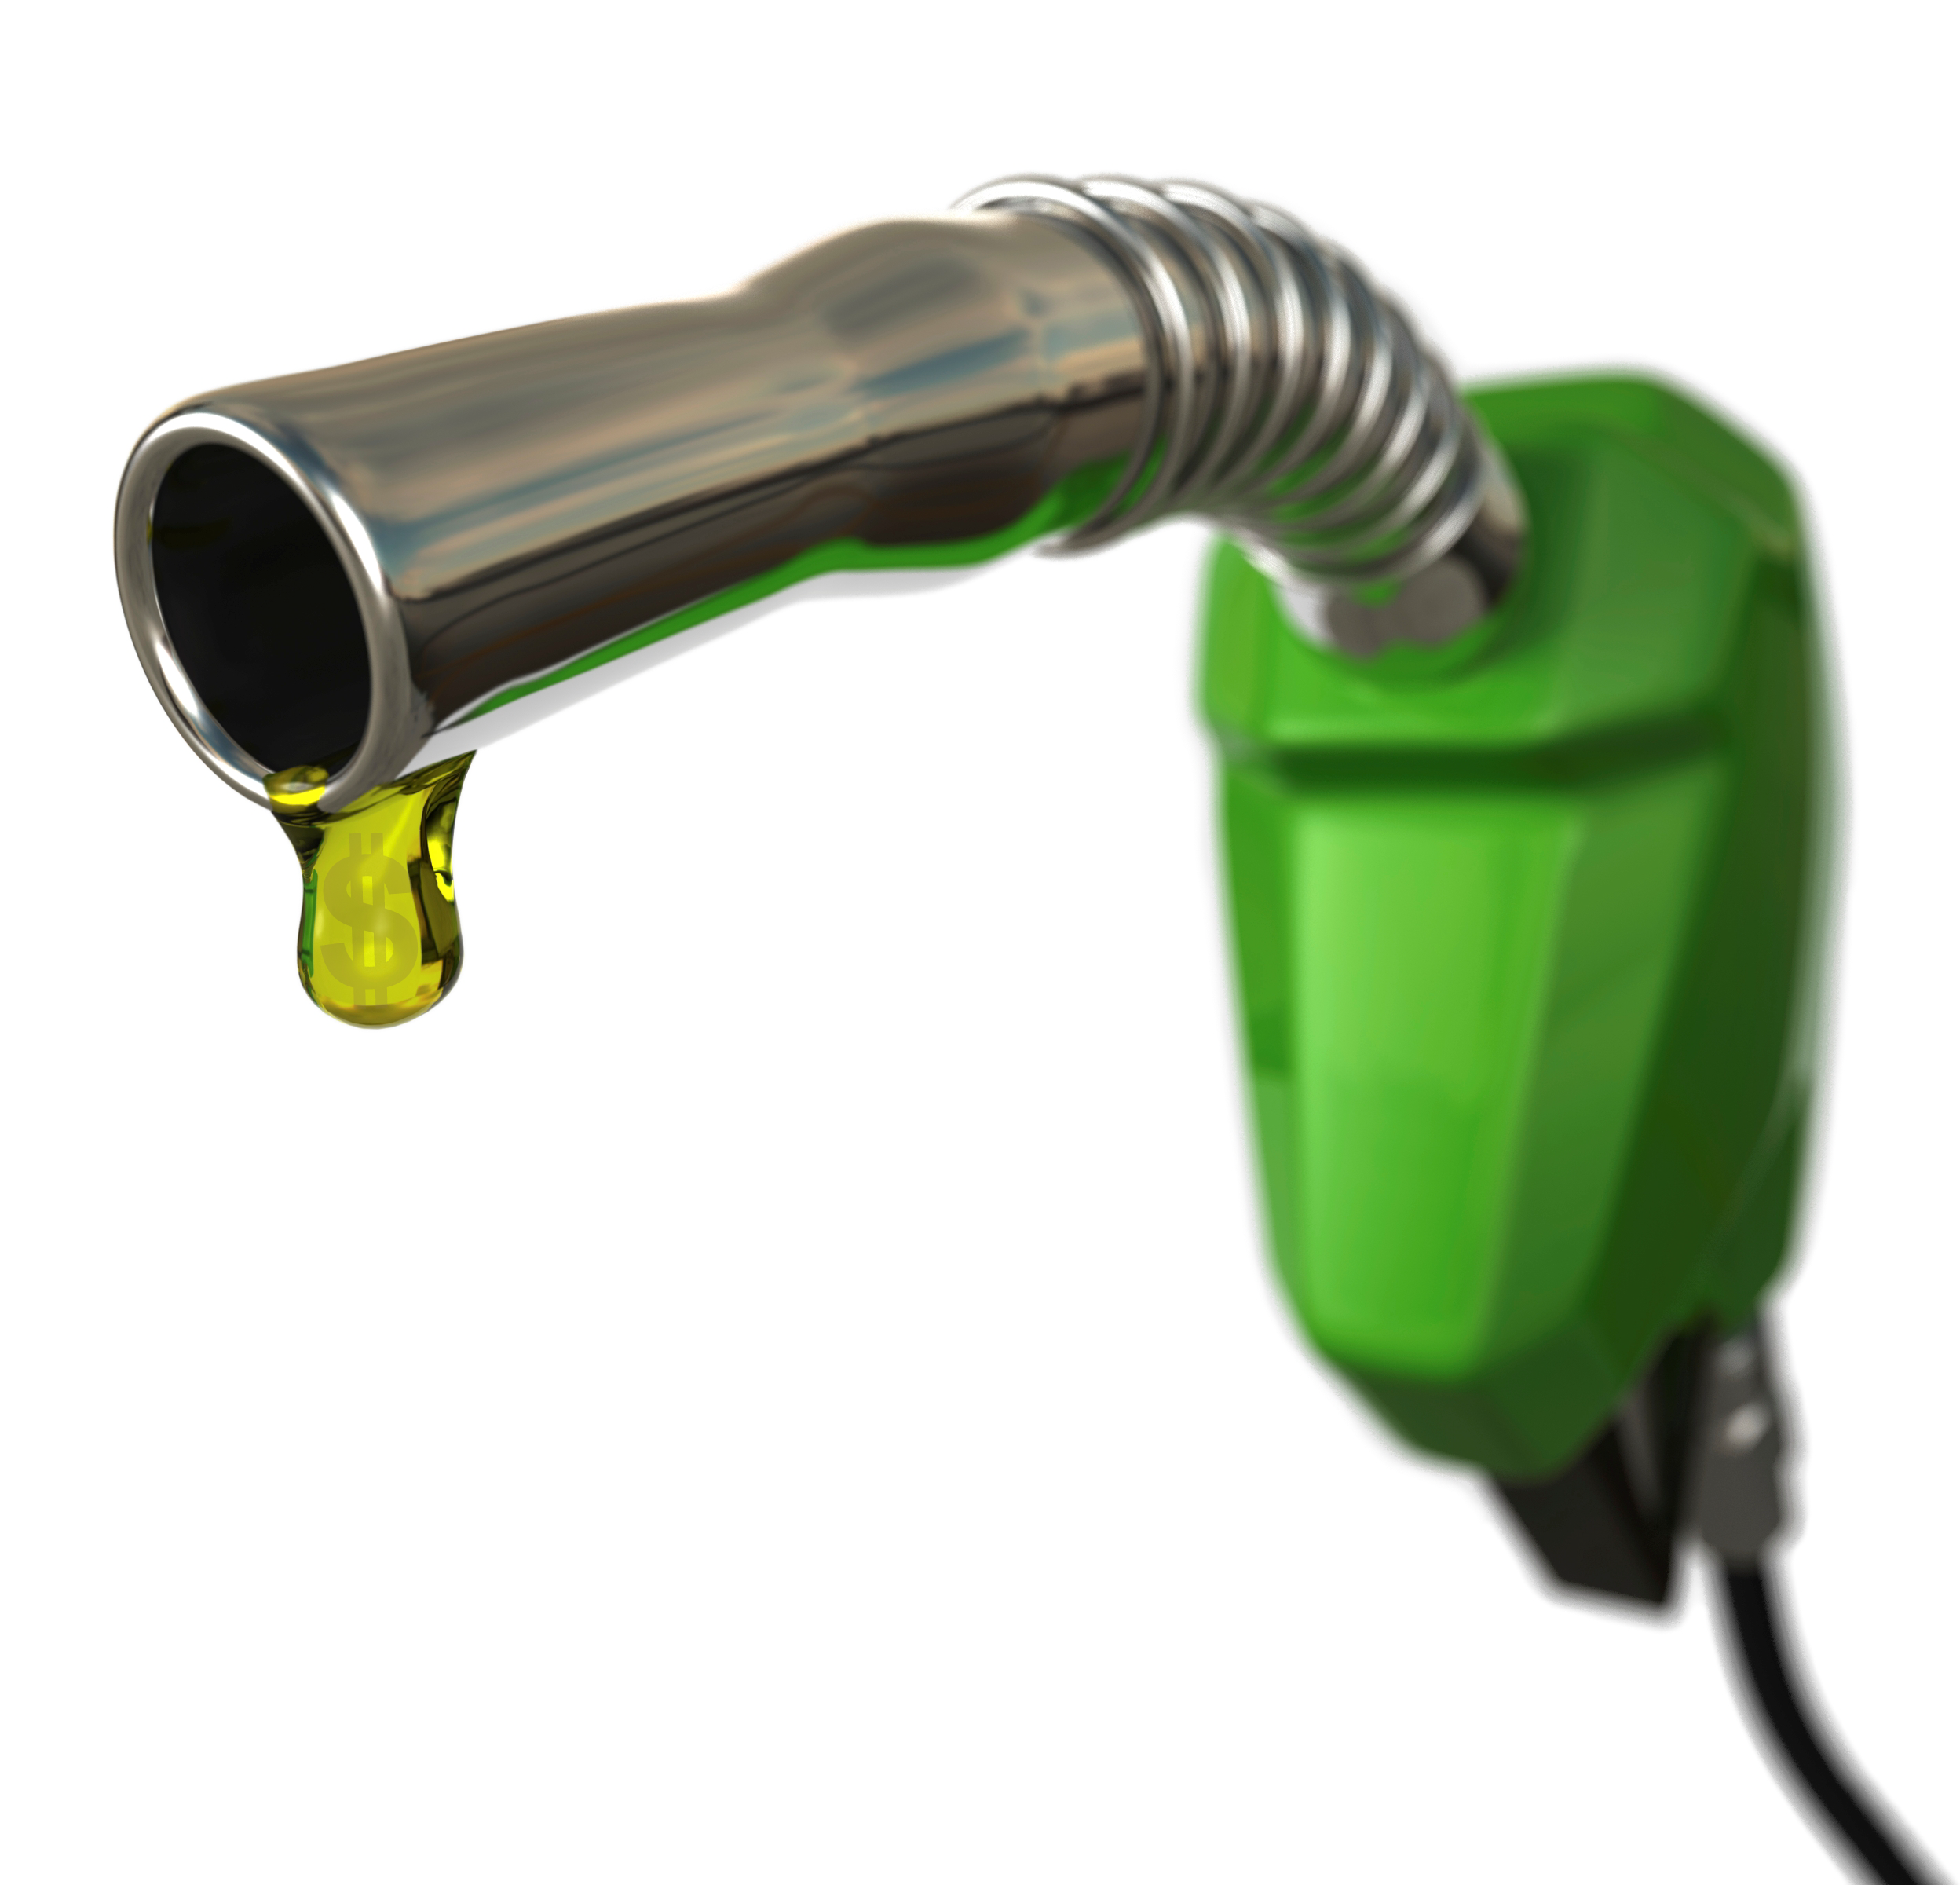 Нормы расхода топлива, масела на тракторе — расчет, формула